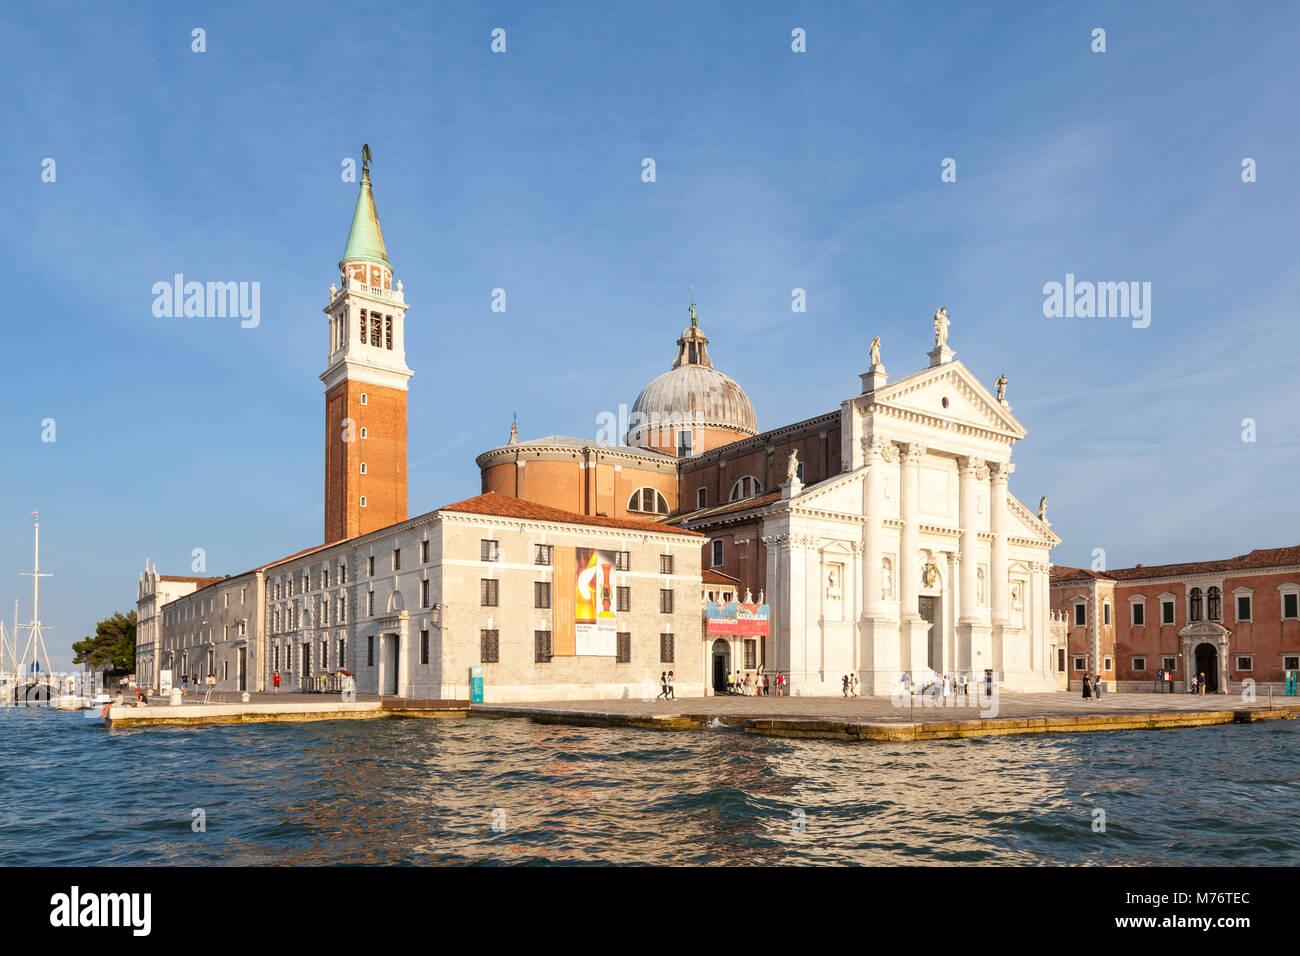 Isola di San Giorgio Maggiore au coucher du soleil, Venise, Vénétie, Italie avec l'église San Maggiore conçue par Palladio et monastère bénédictin de la G Banque D'Images